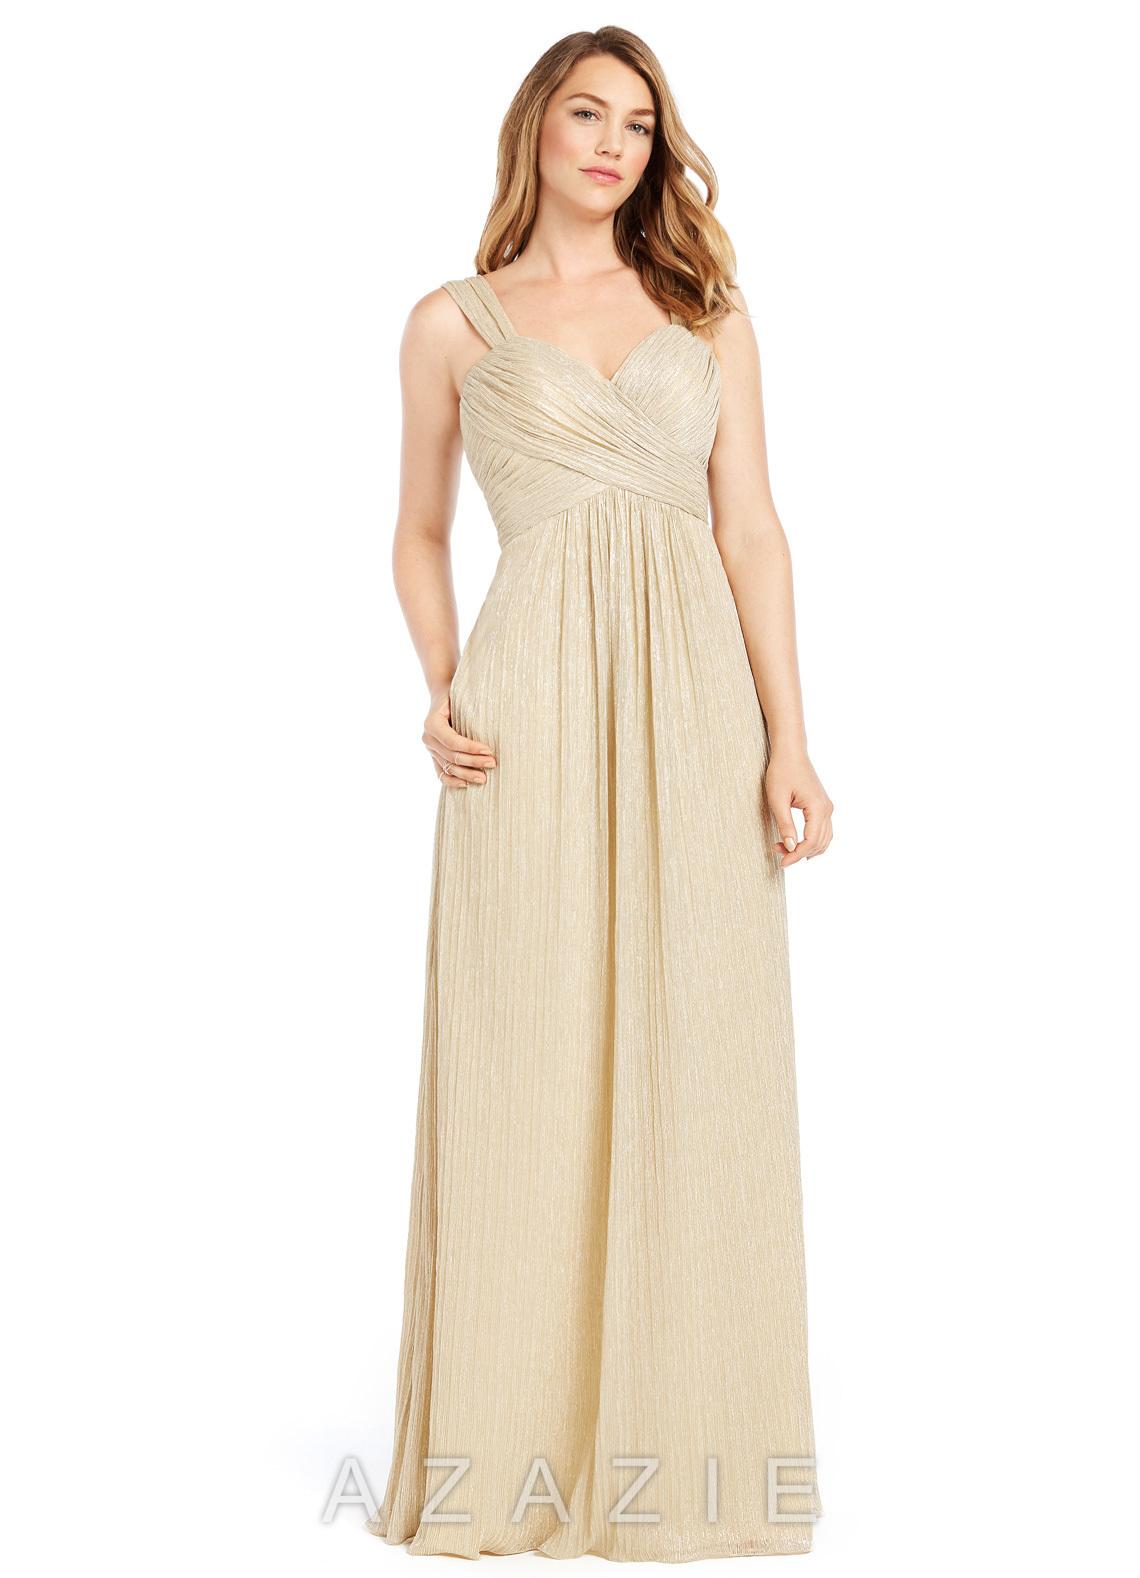 2e498912424 Azazie Angel Bridesmaid Dress